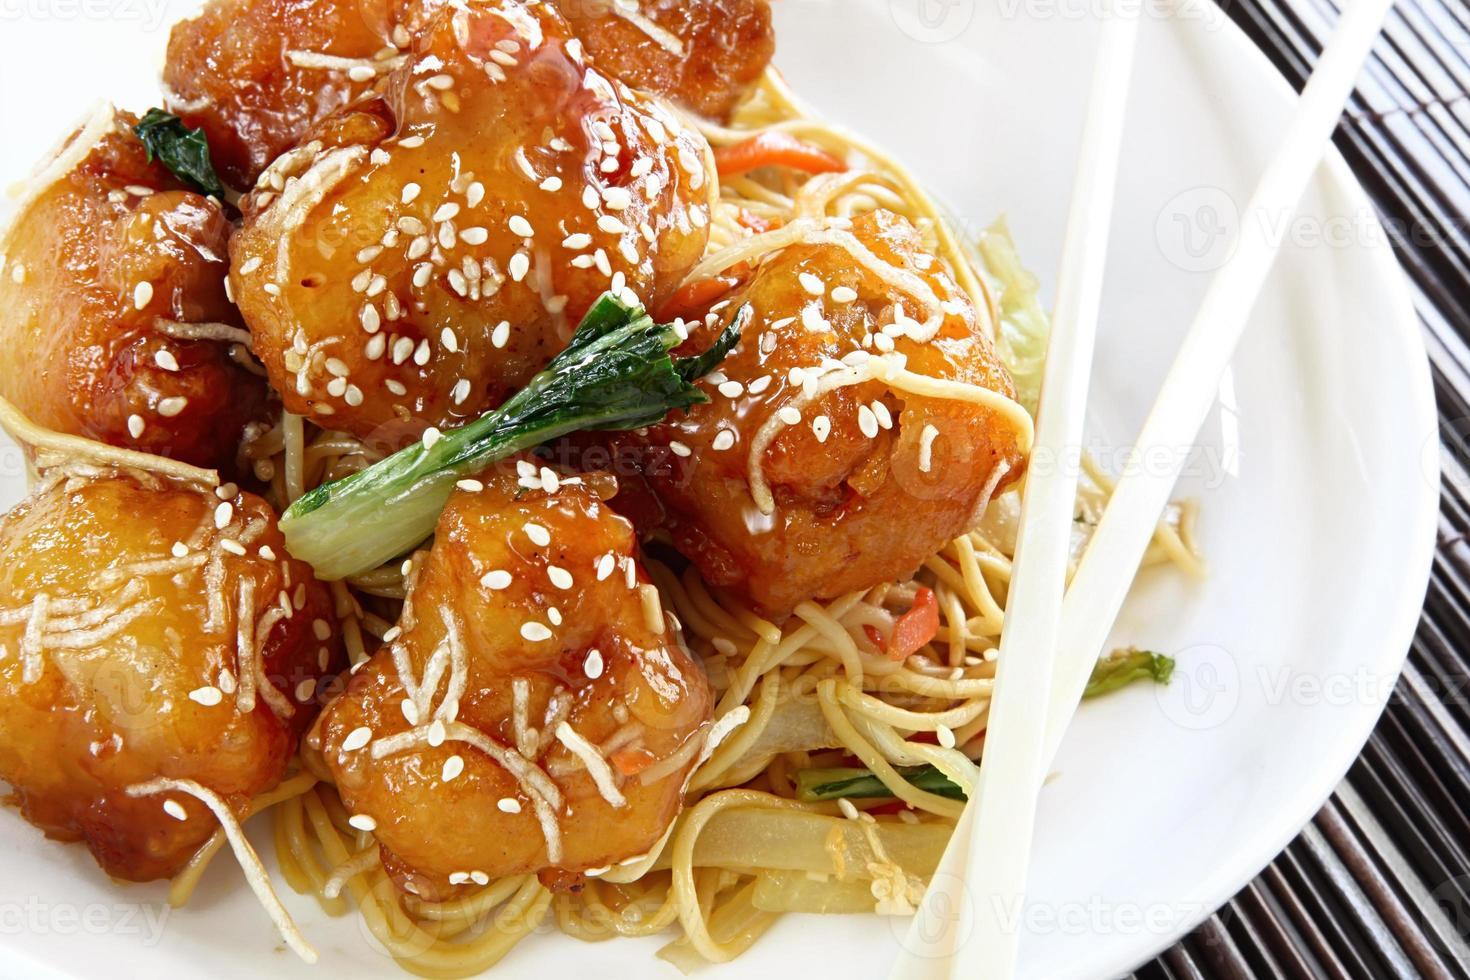 poulet asiatique au sésame avec nouilles photo